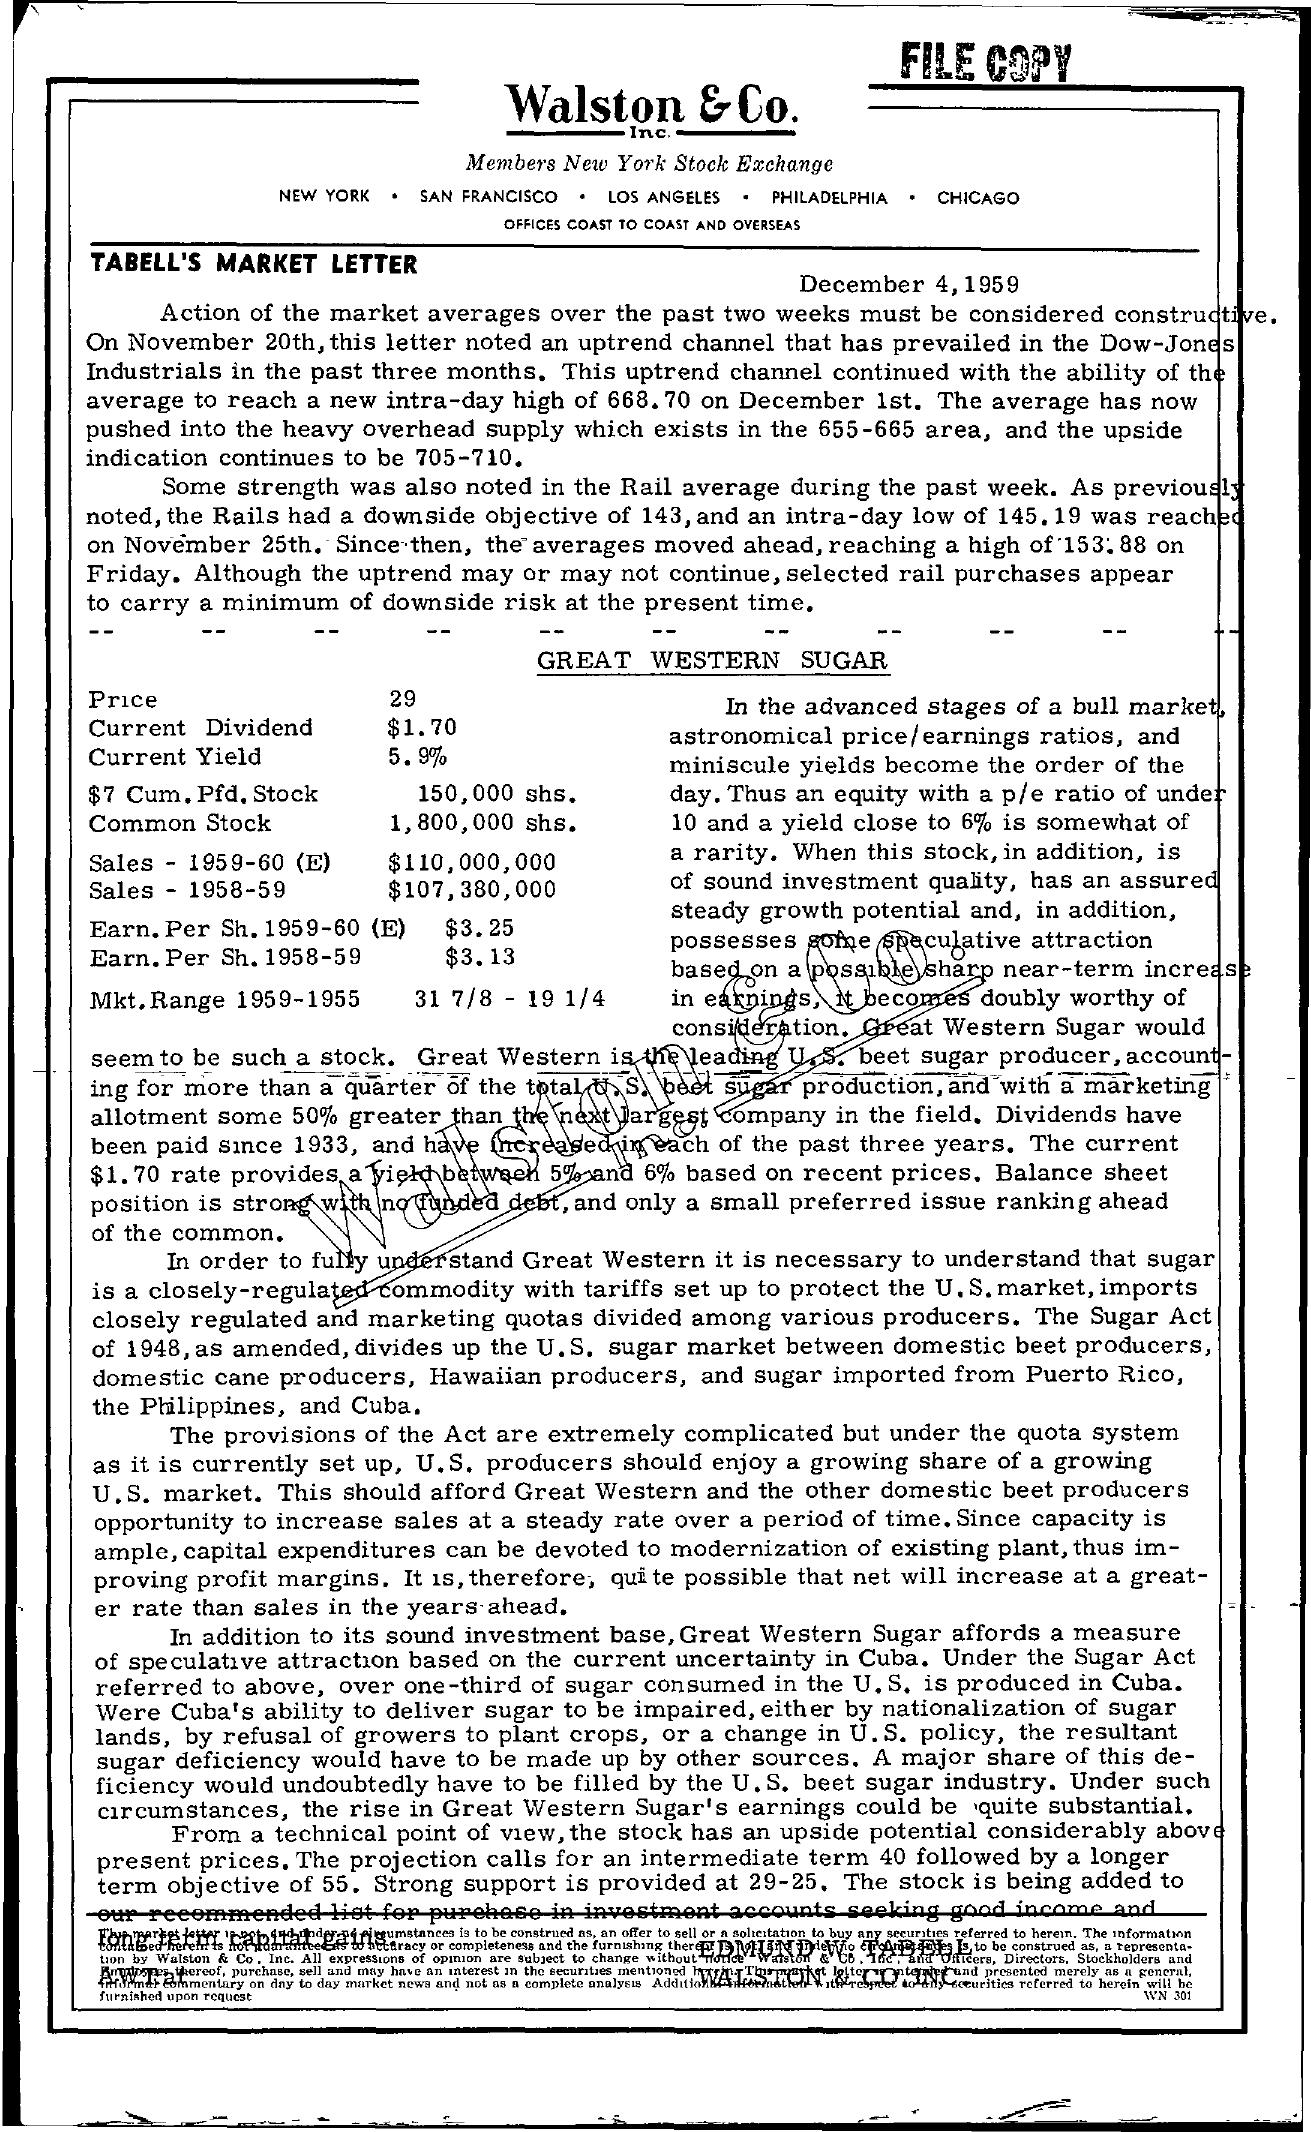 Tabell's Market Letter - December 04, 1959